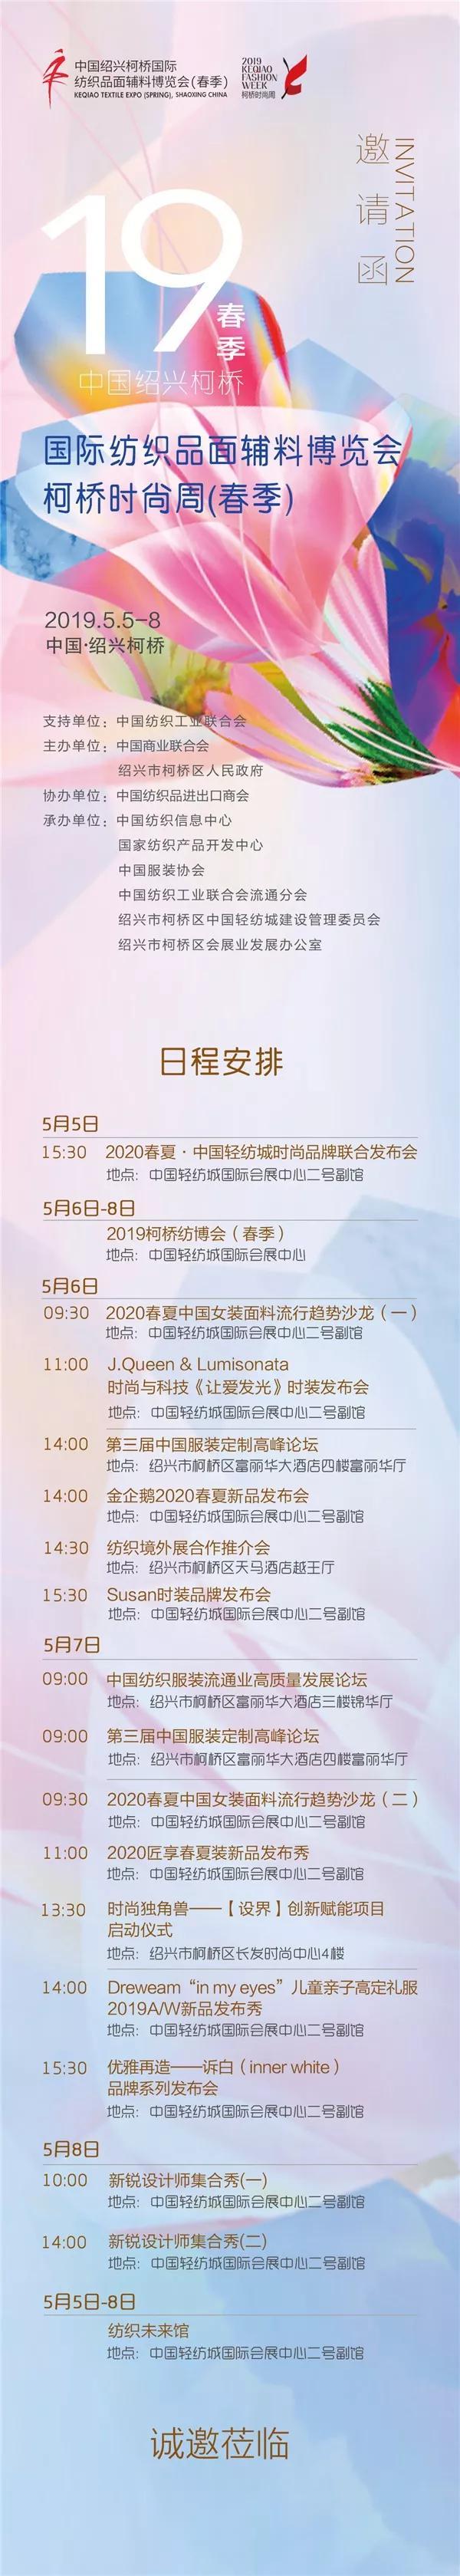 您有一张来自绍兴柯桥2019春季纺博会、时尚周的邀请函!